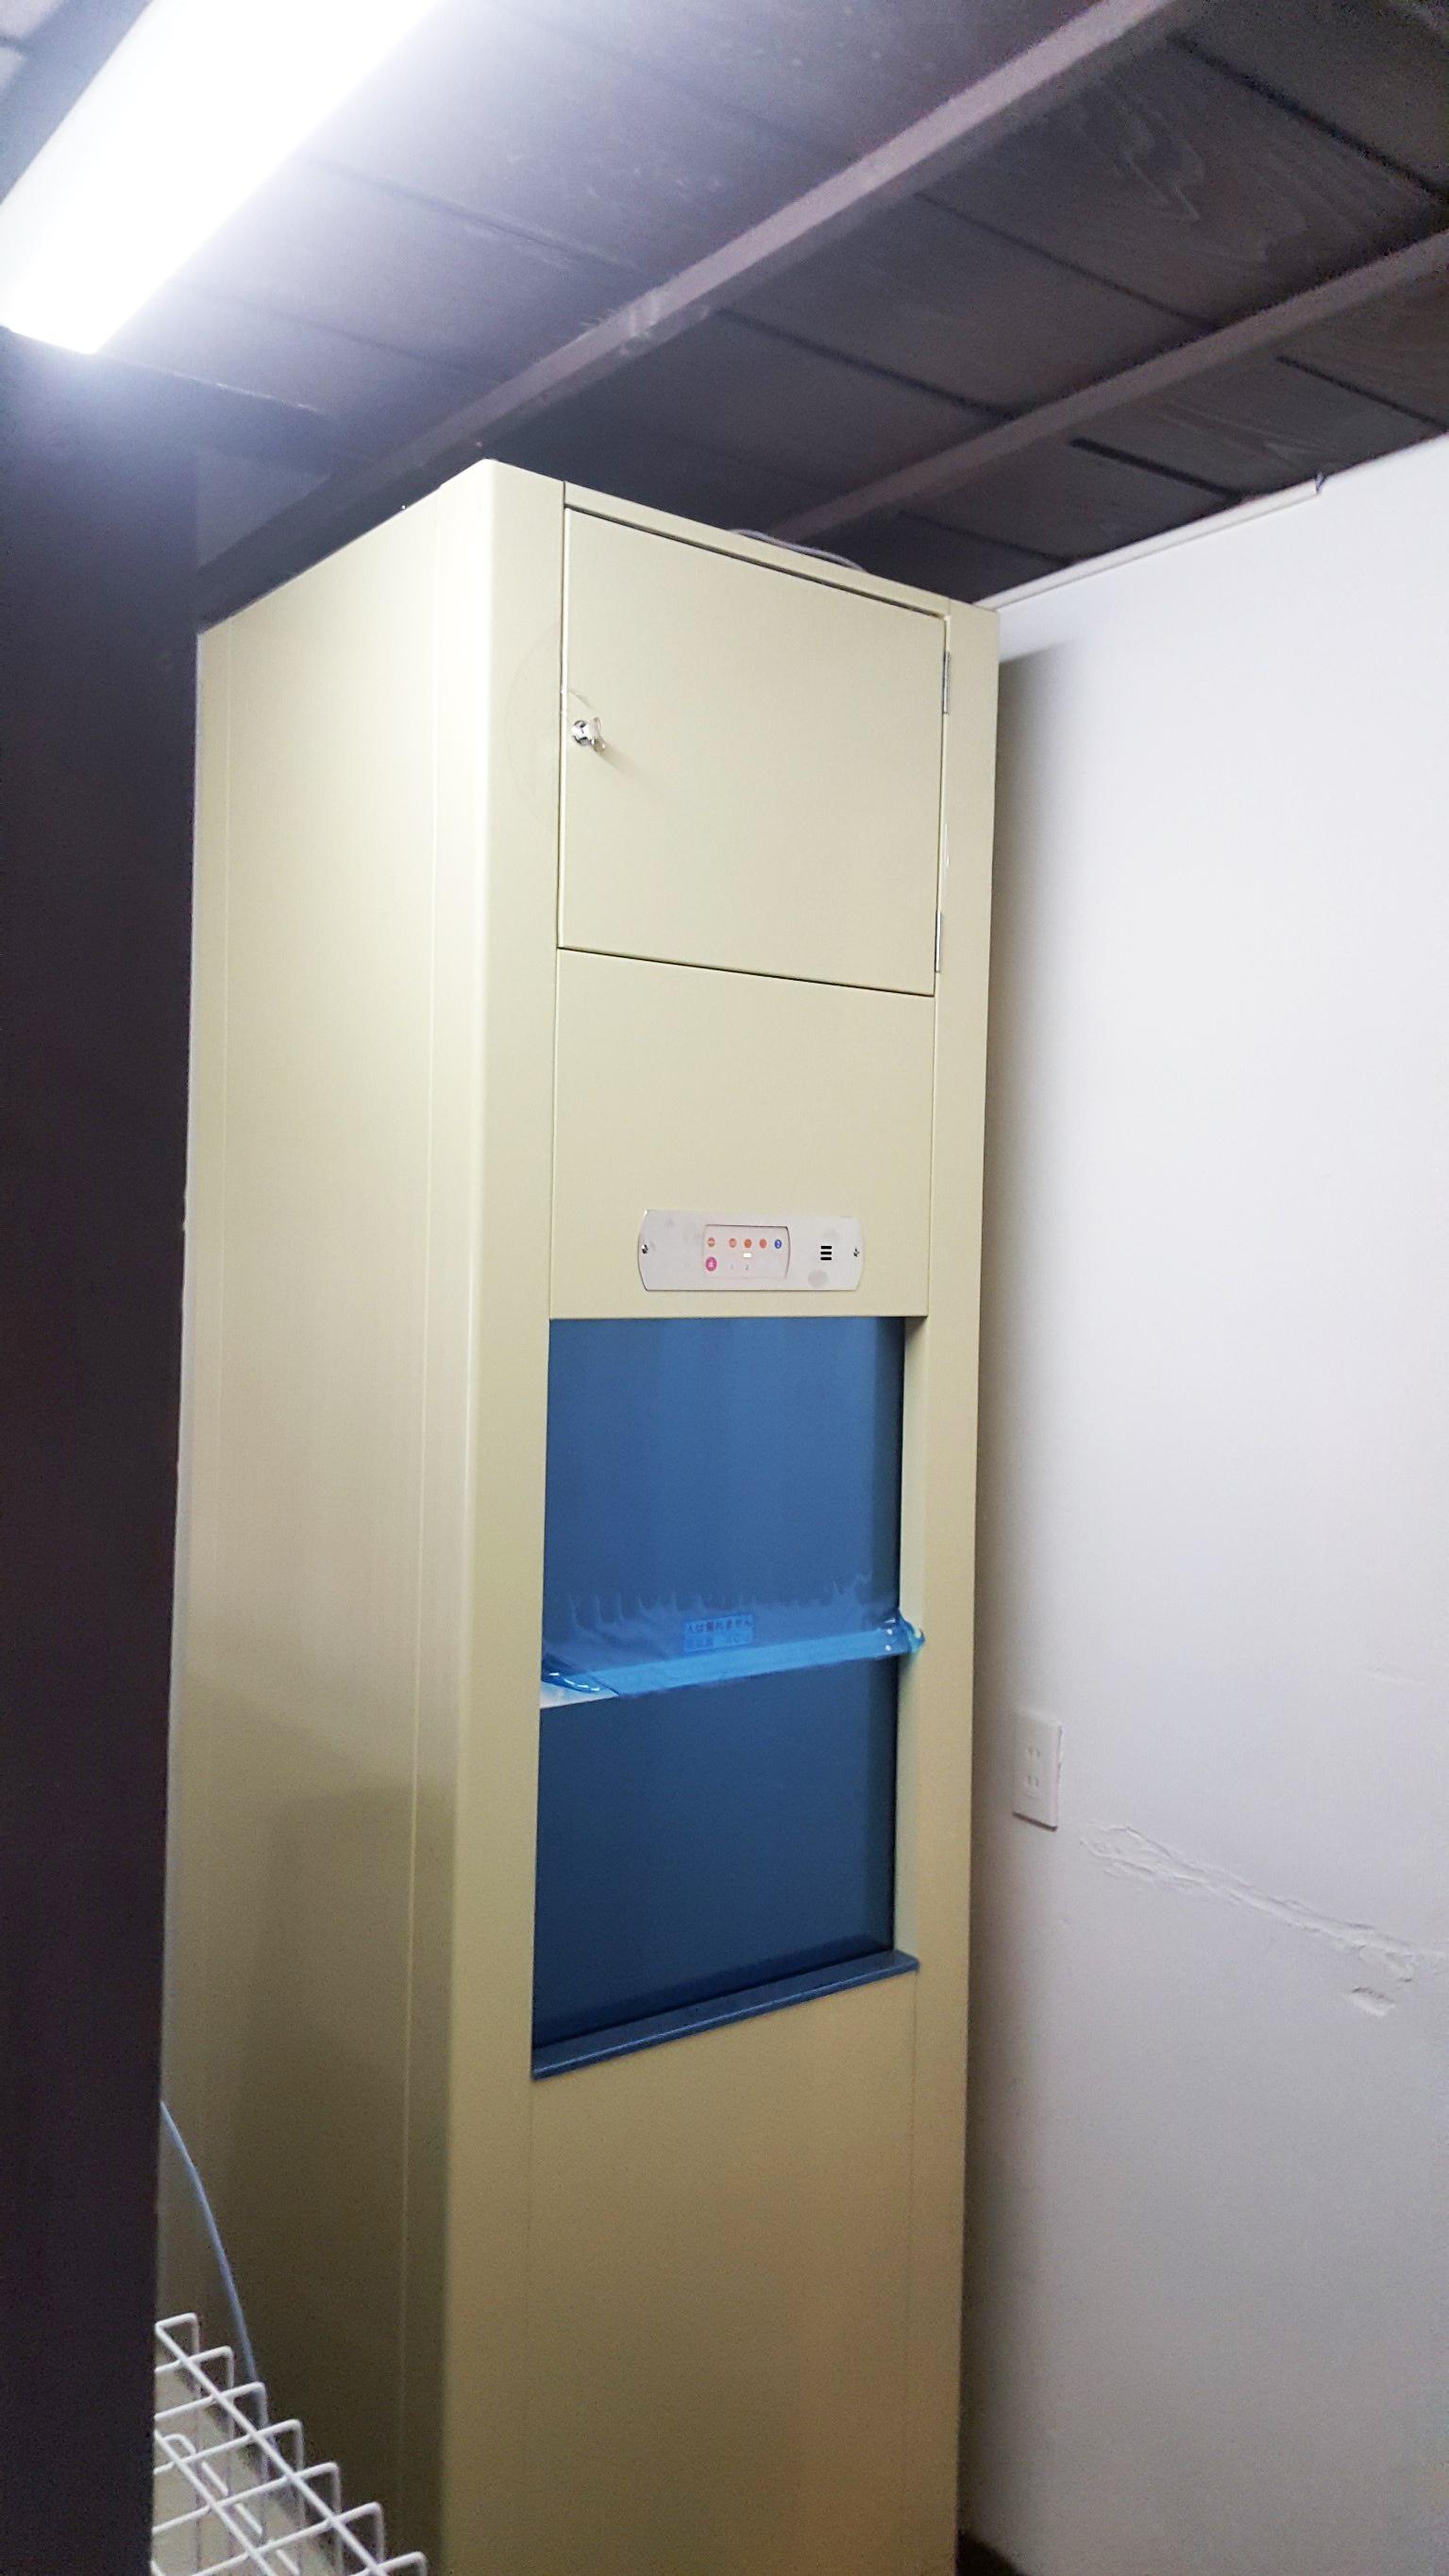 小荷物専用昇降機の設置